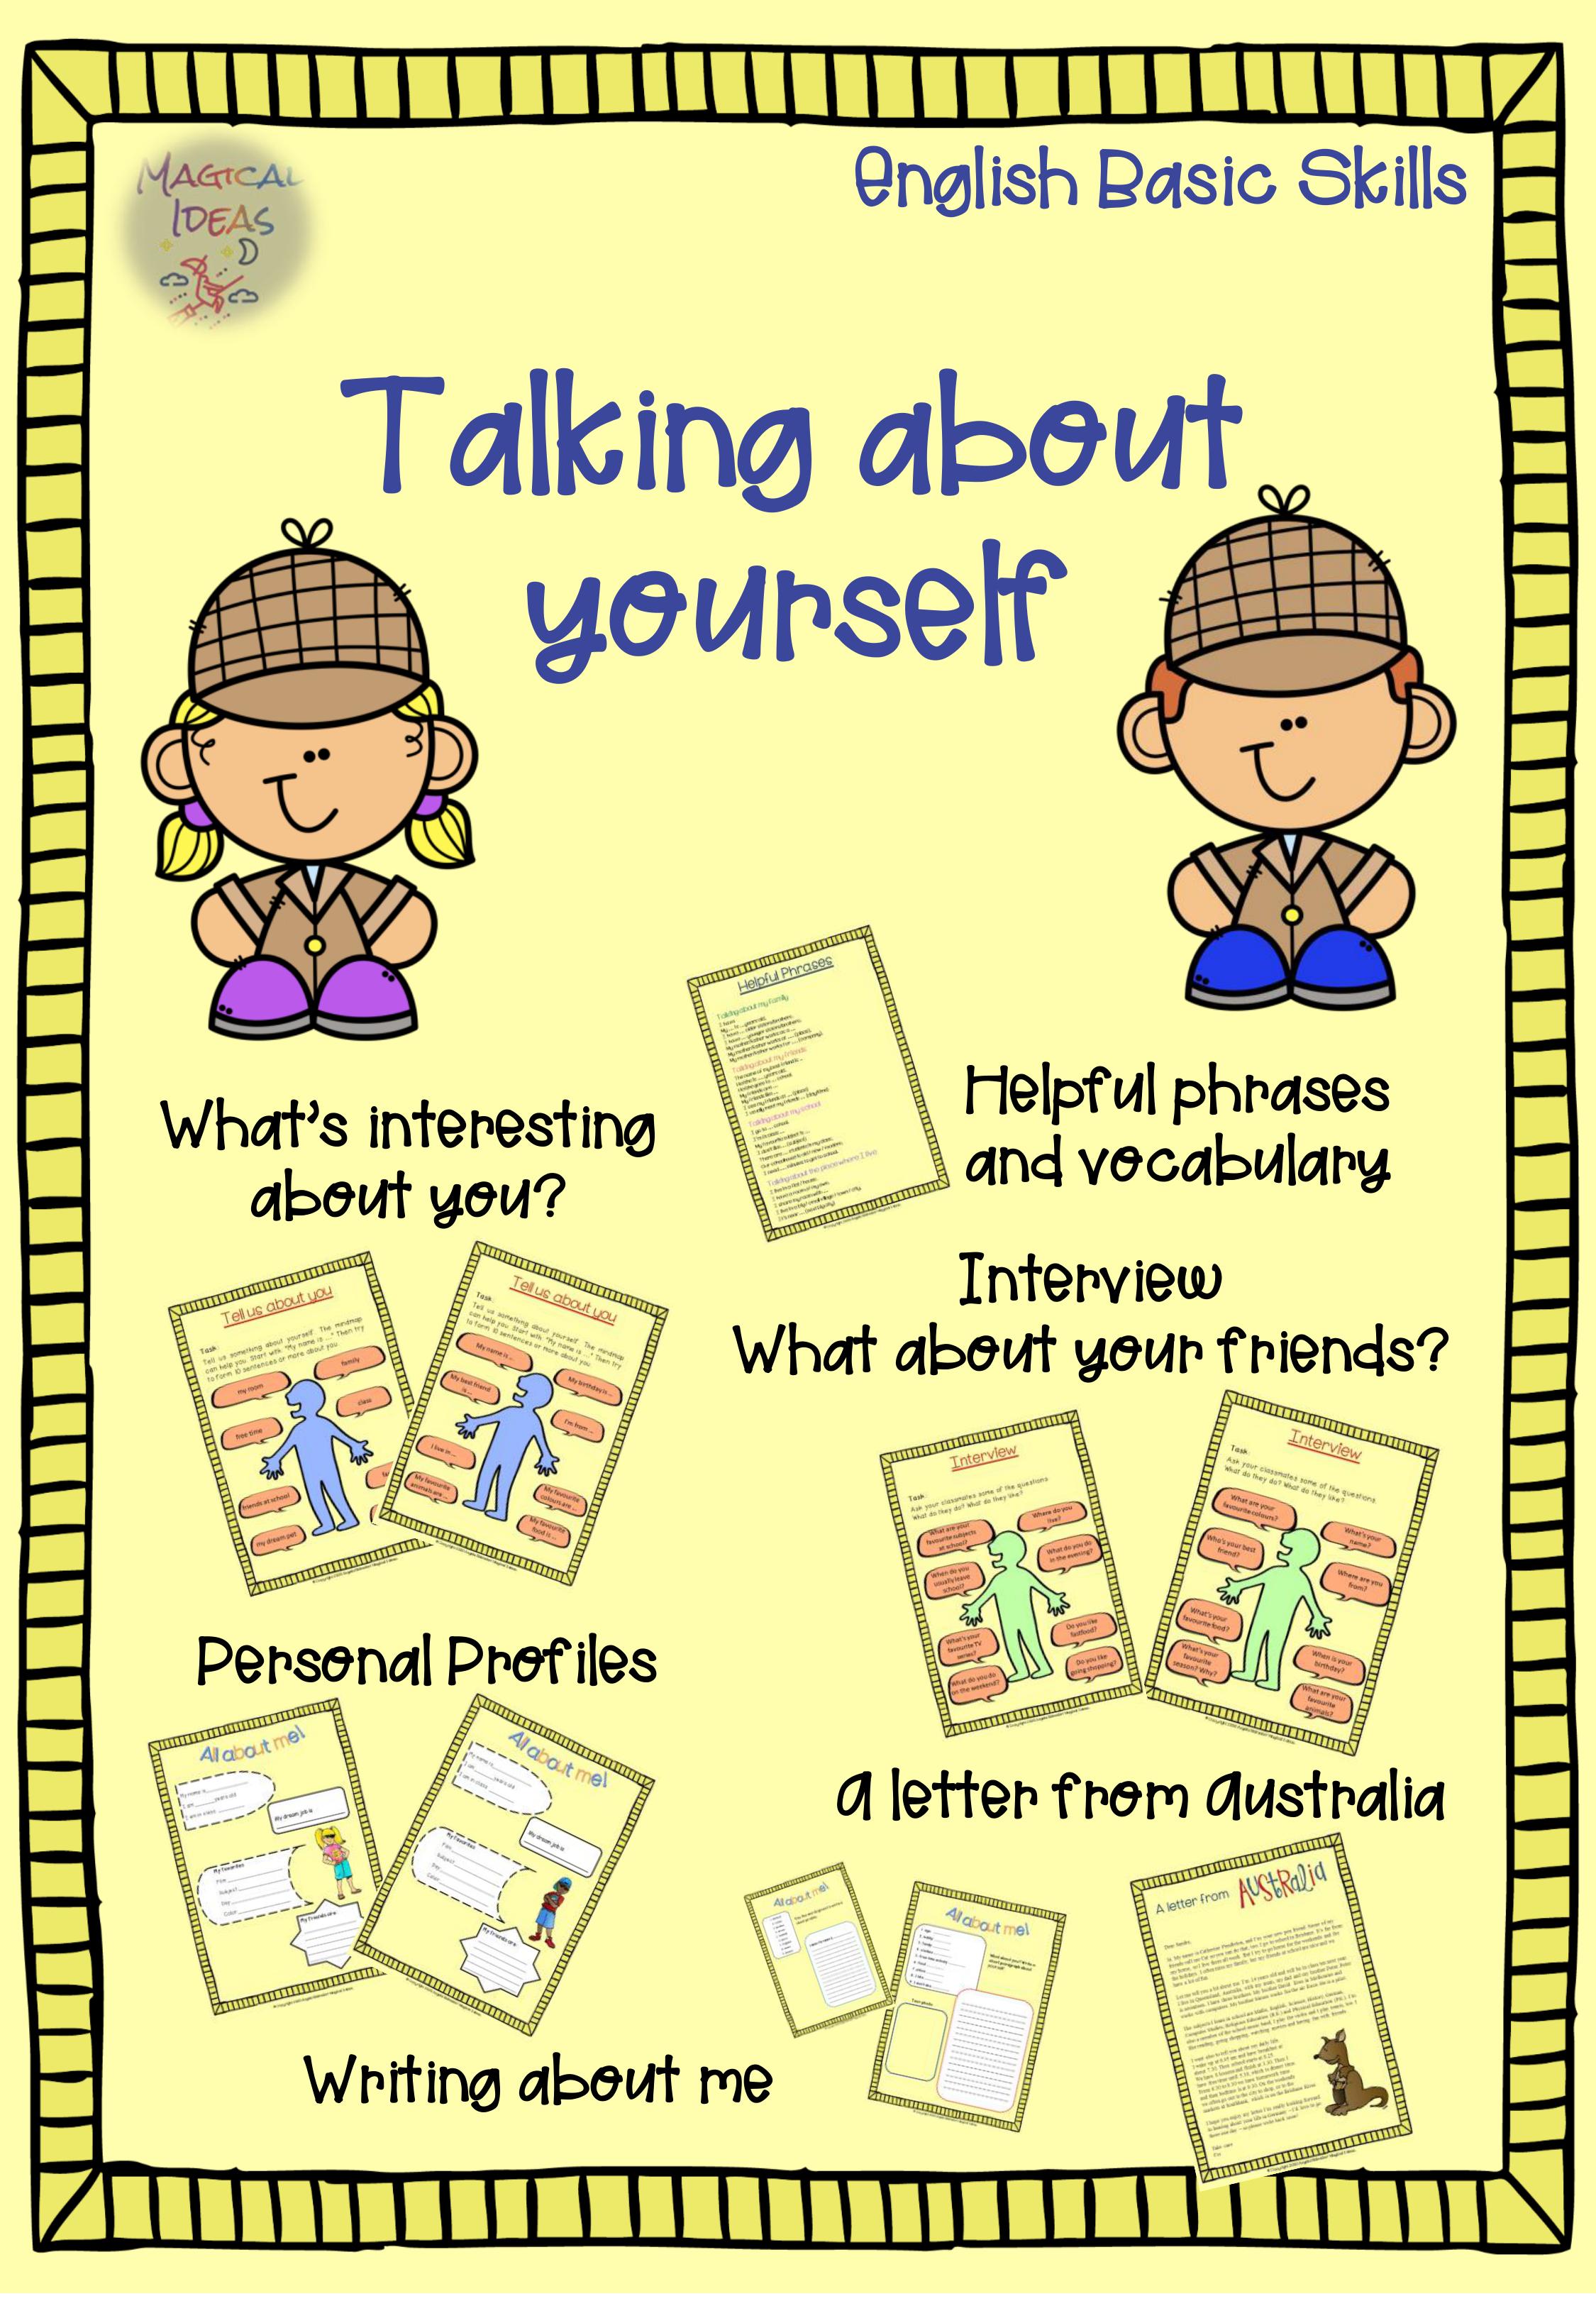 Talking About Yourself Speaking Activities Unterrichtsmaterial Im Fach Englisch Unterrichtsmaterial Englischunterricht Englisch Lernen